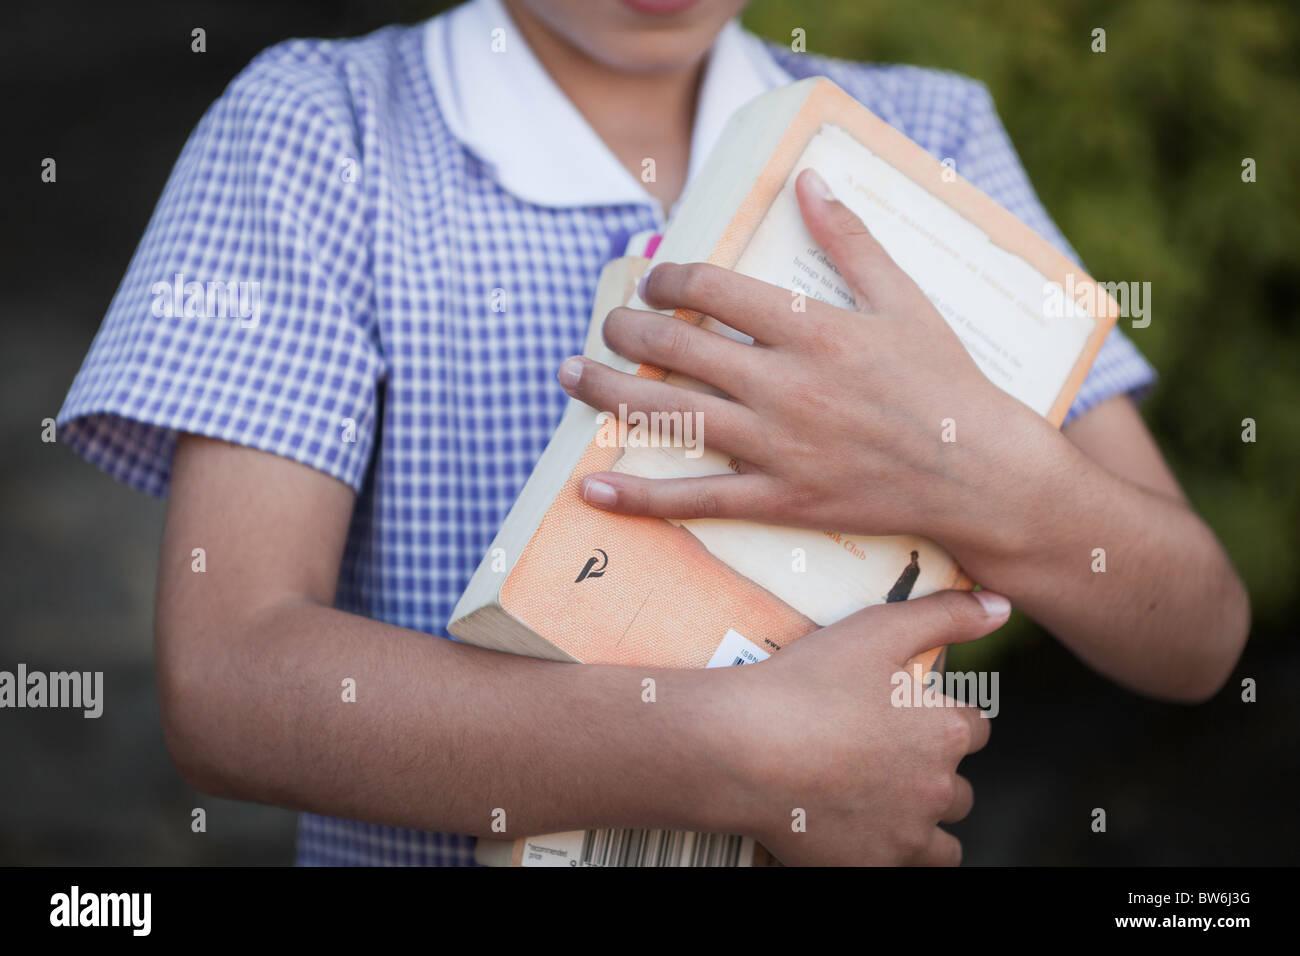 Écolière avec livres de bibliothèque Photo Stock